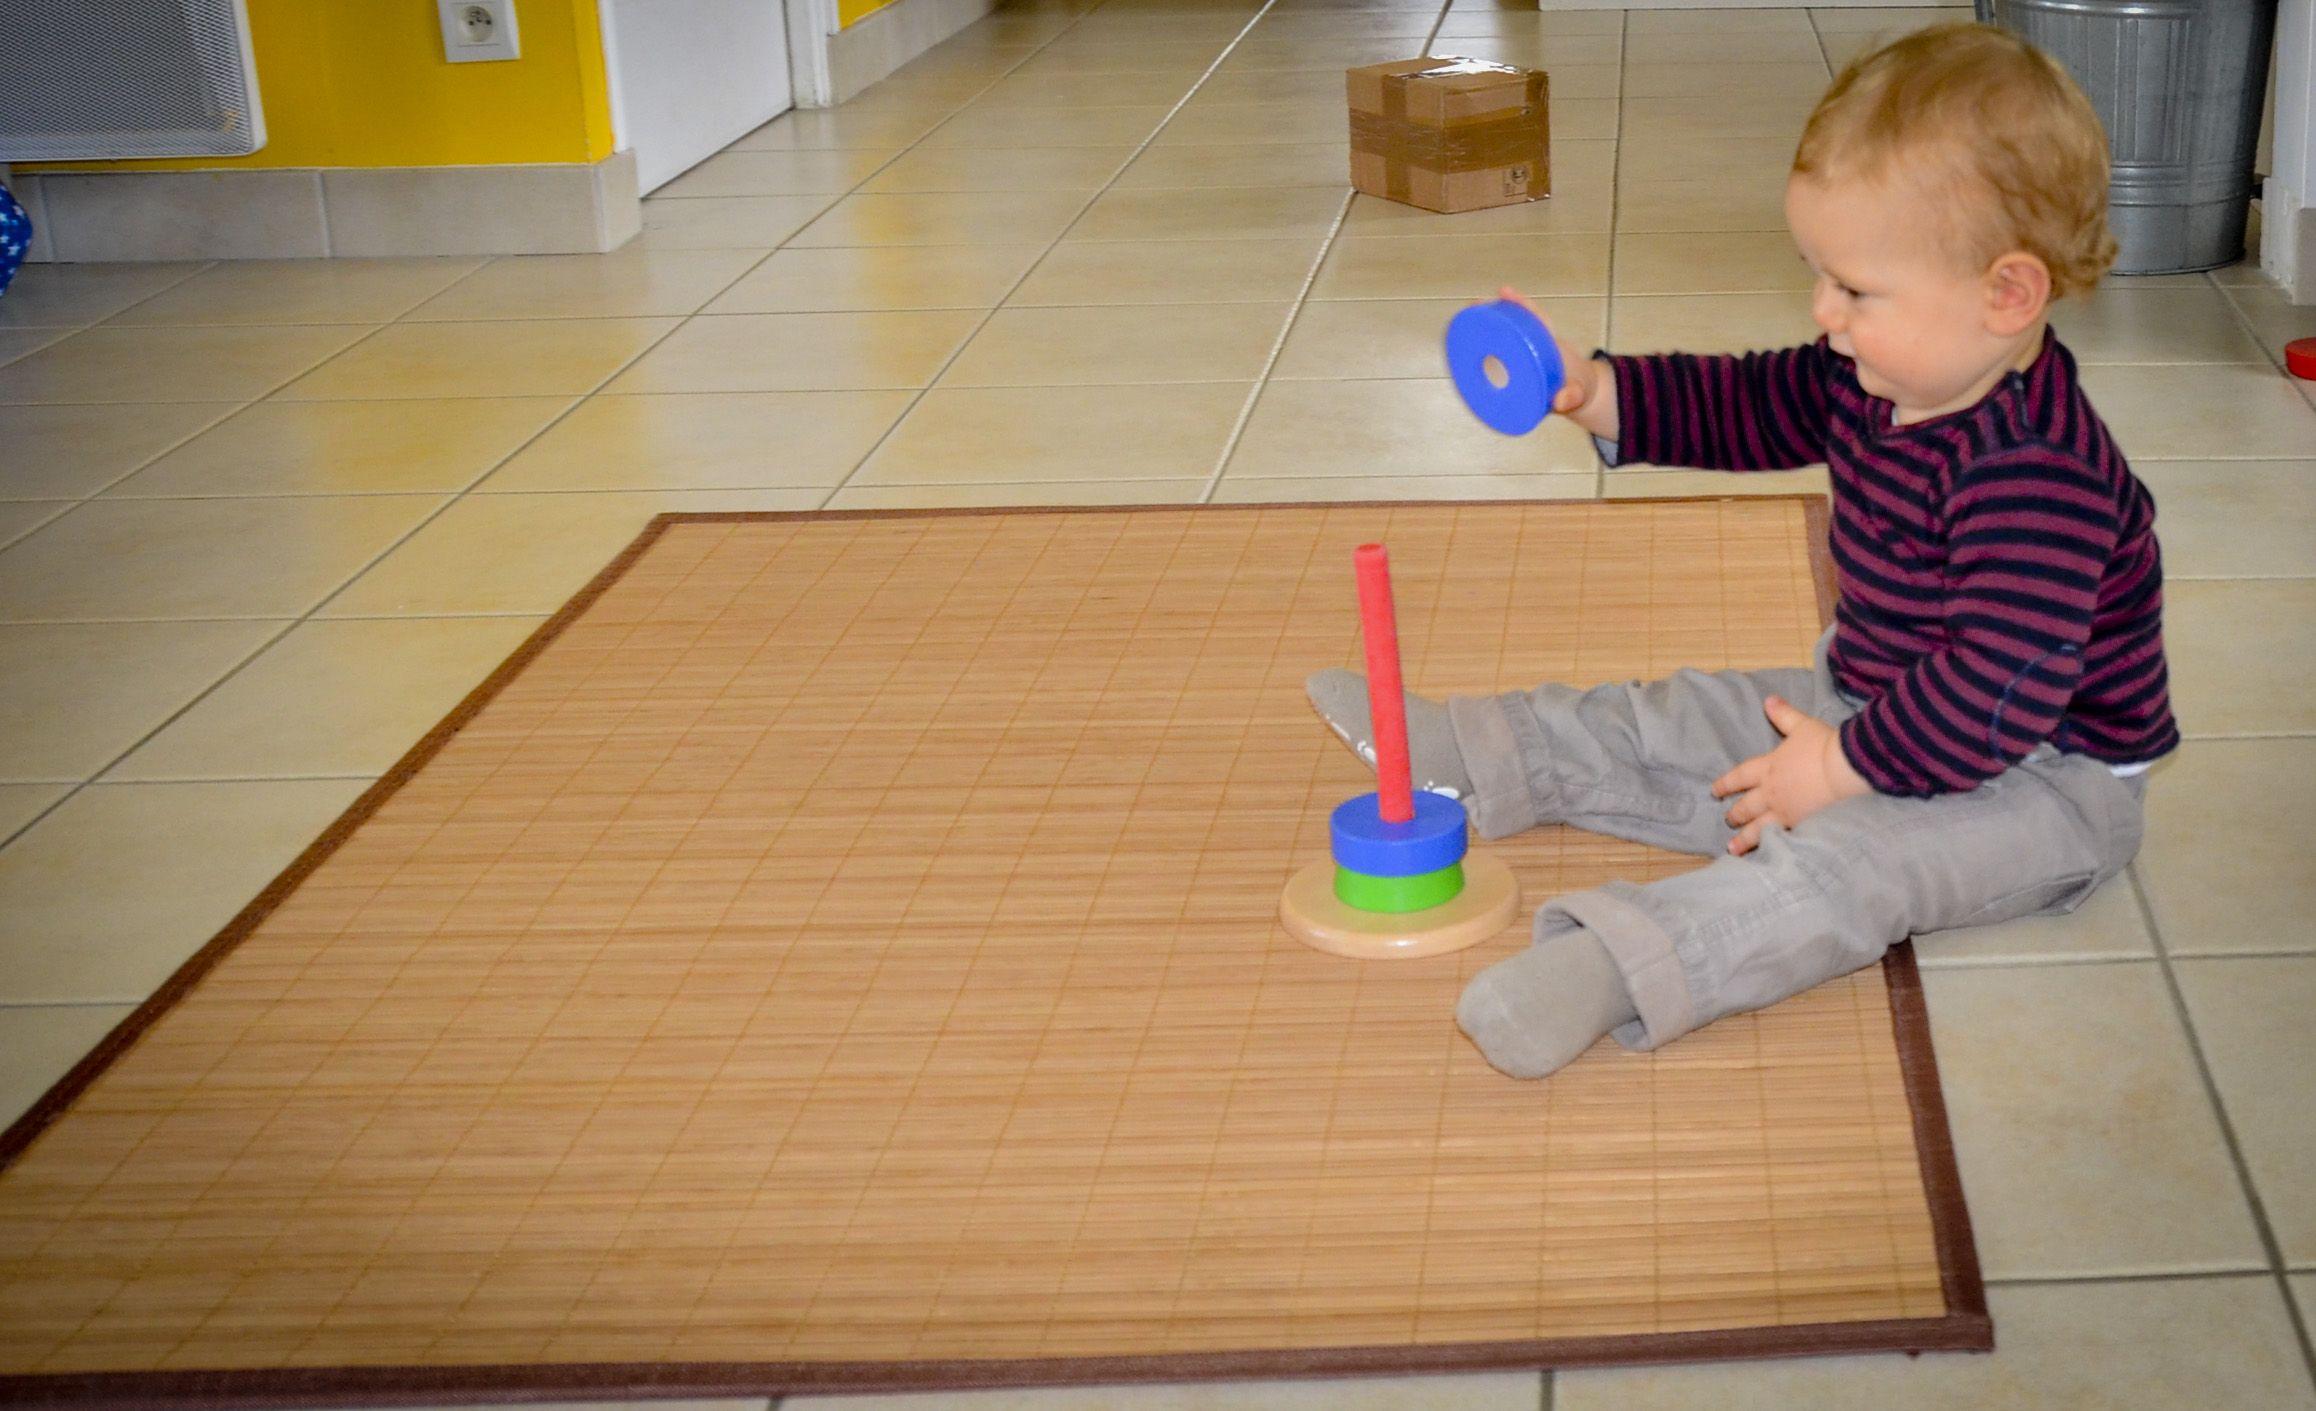 jeux montessori pour enfants de 6 12 mois 0 1 an. Black Bedroom Furniture Sets. Home Design Ideas